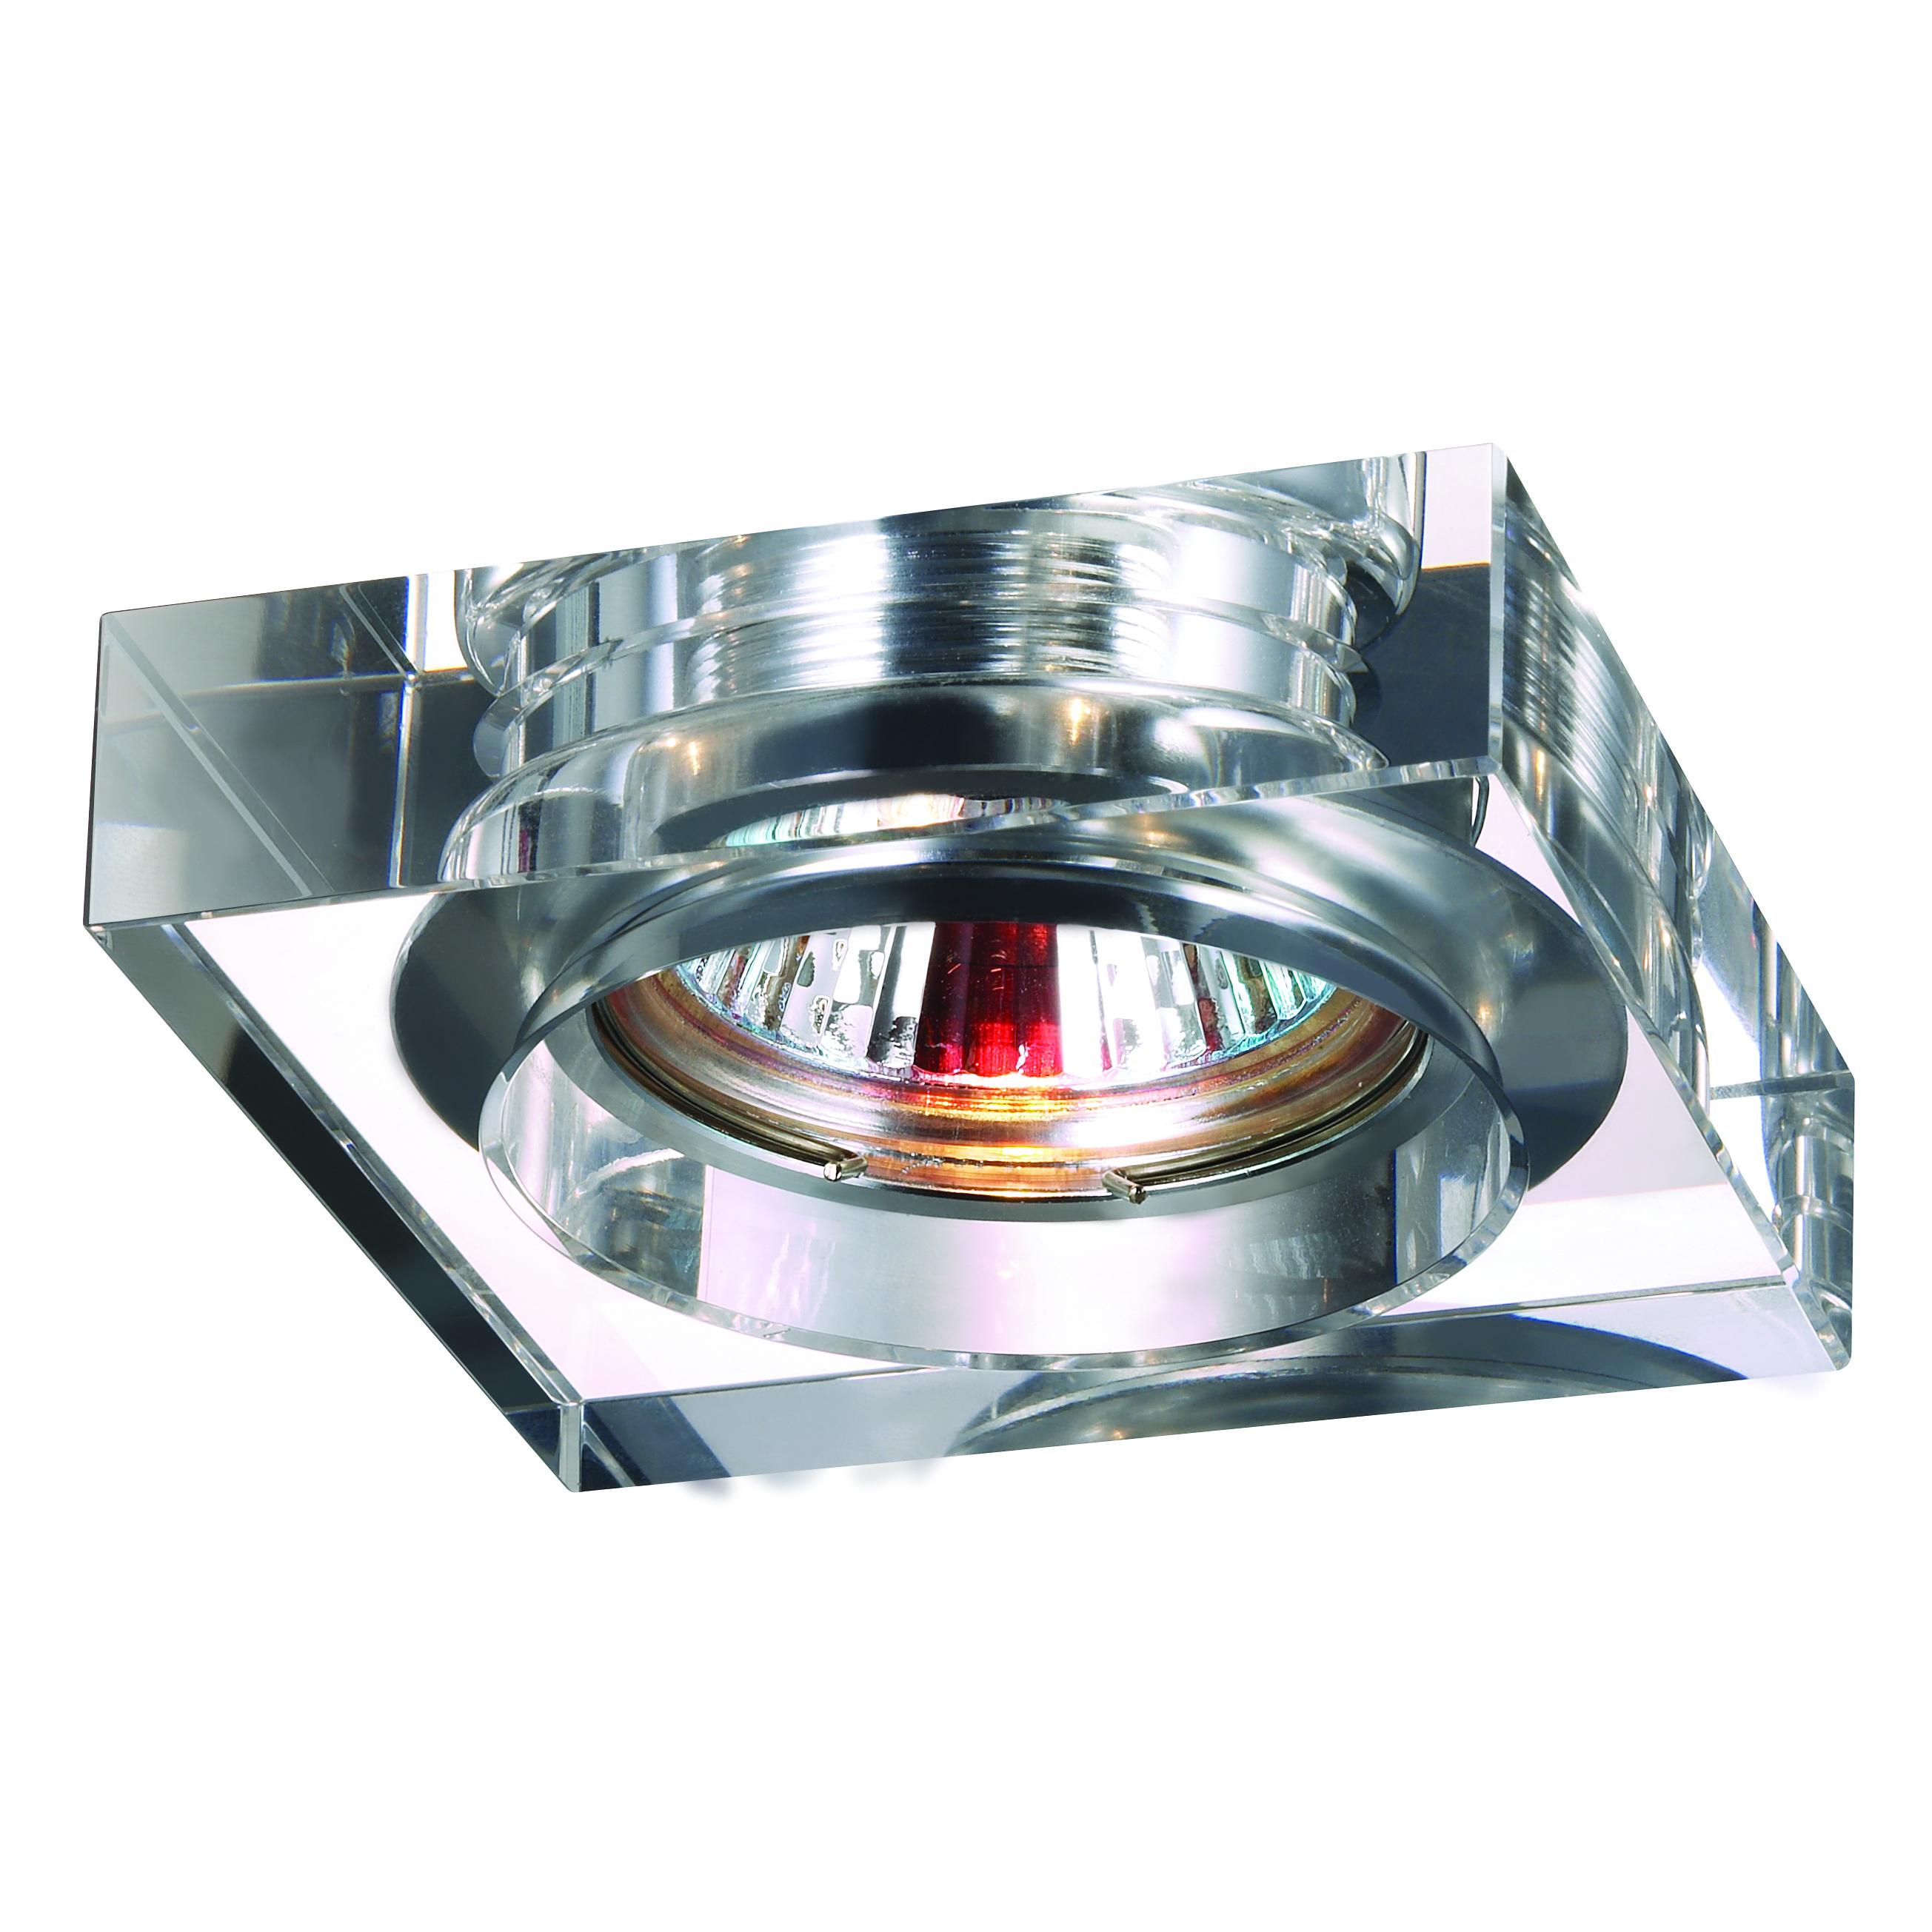 Светильник встраиваемый Novotech Glass nt09 129 369482 точечный светильник novotech 369482